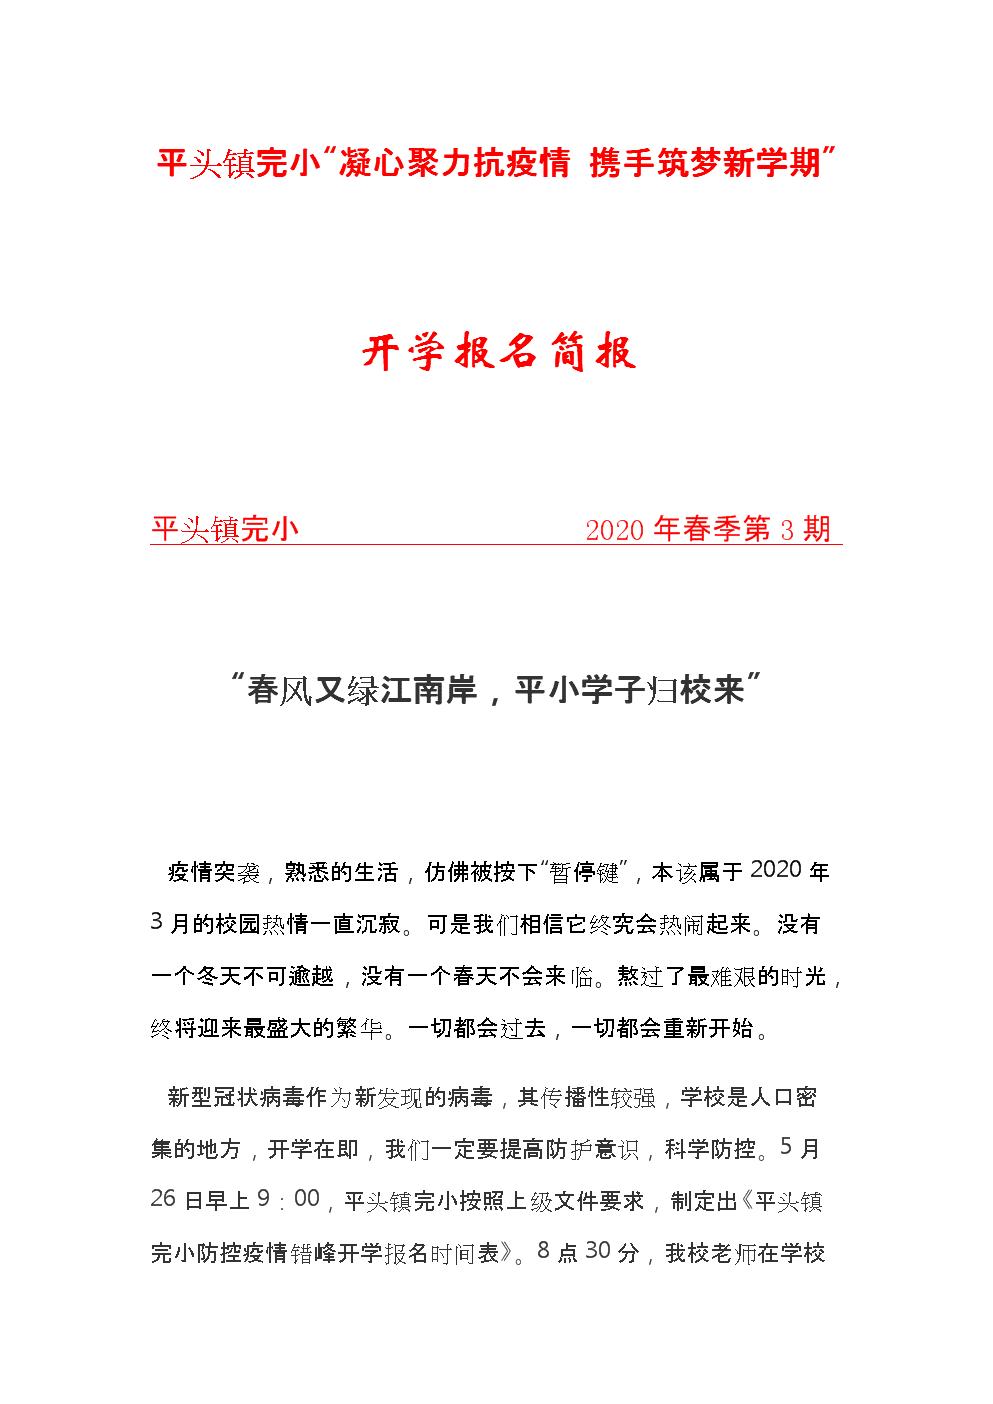 平头镇完小开学简报.docx